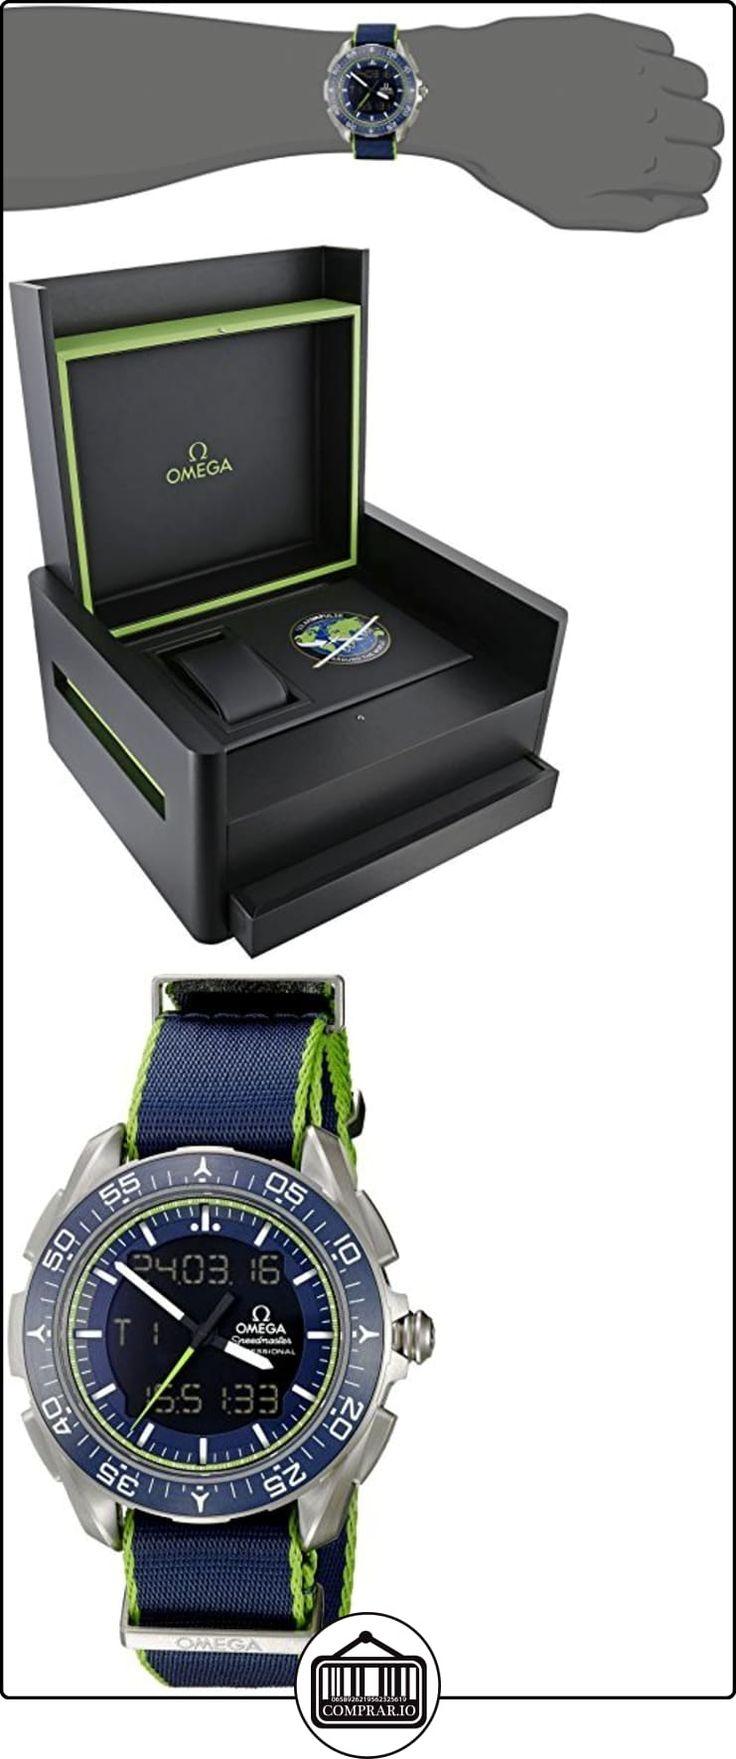 Omega Speedmaster automático de los hombres reloj de cuarzo suizo de titanio 31892457903001  ✿ Relojes para hombre - (Lujo) ✿